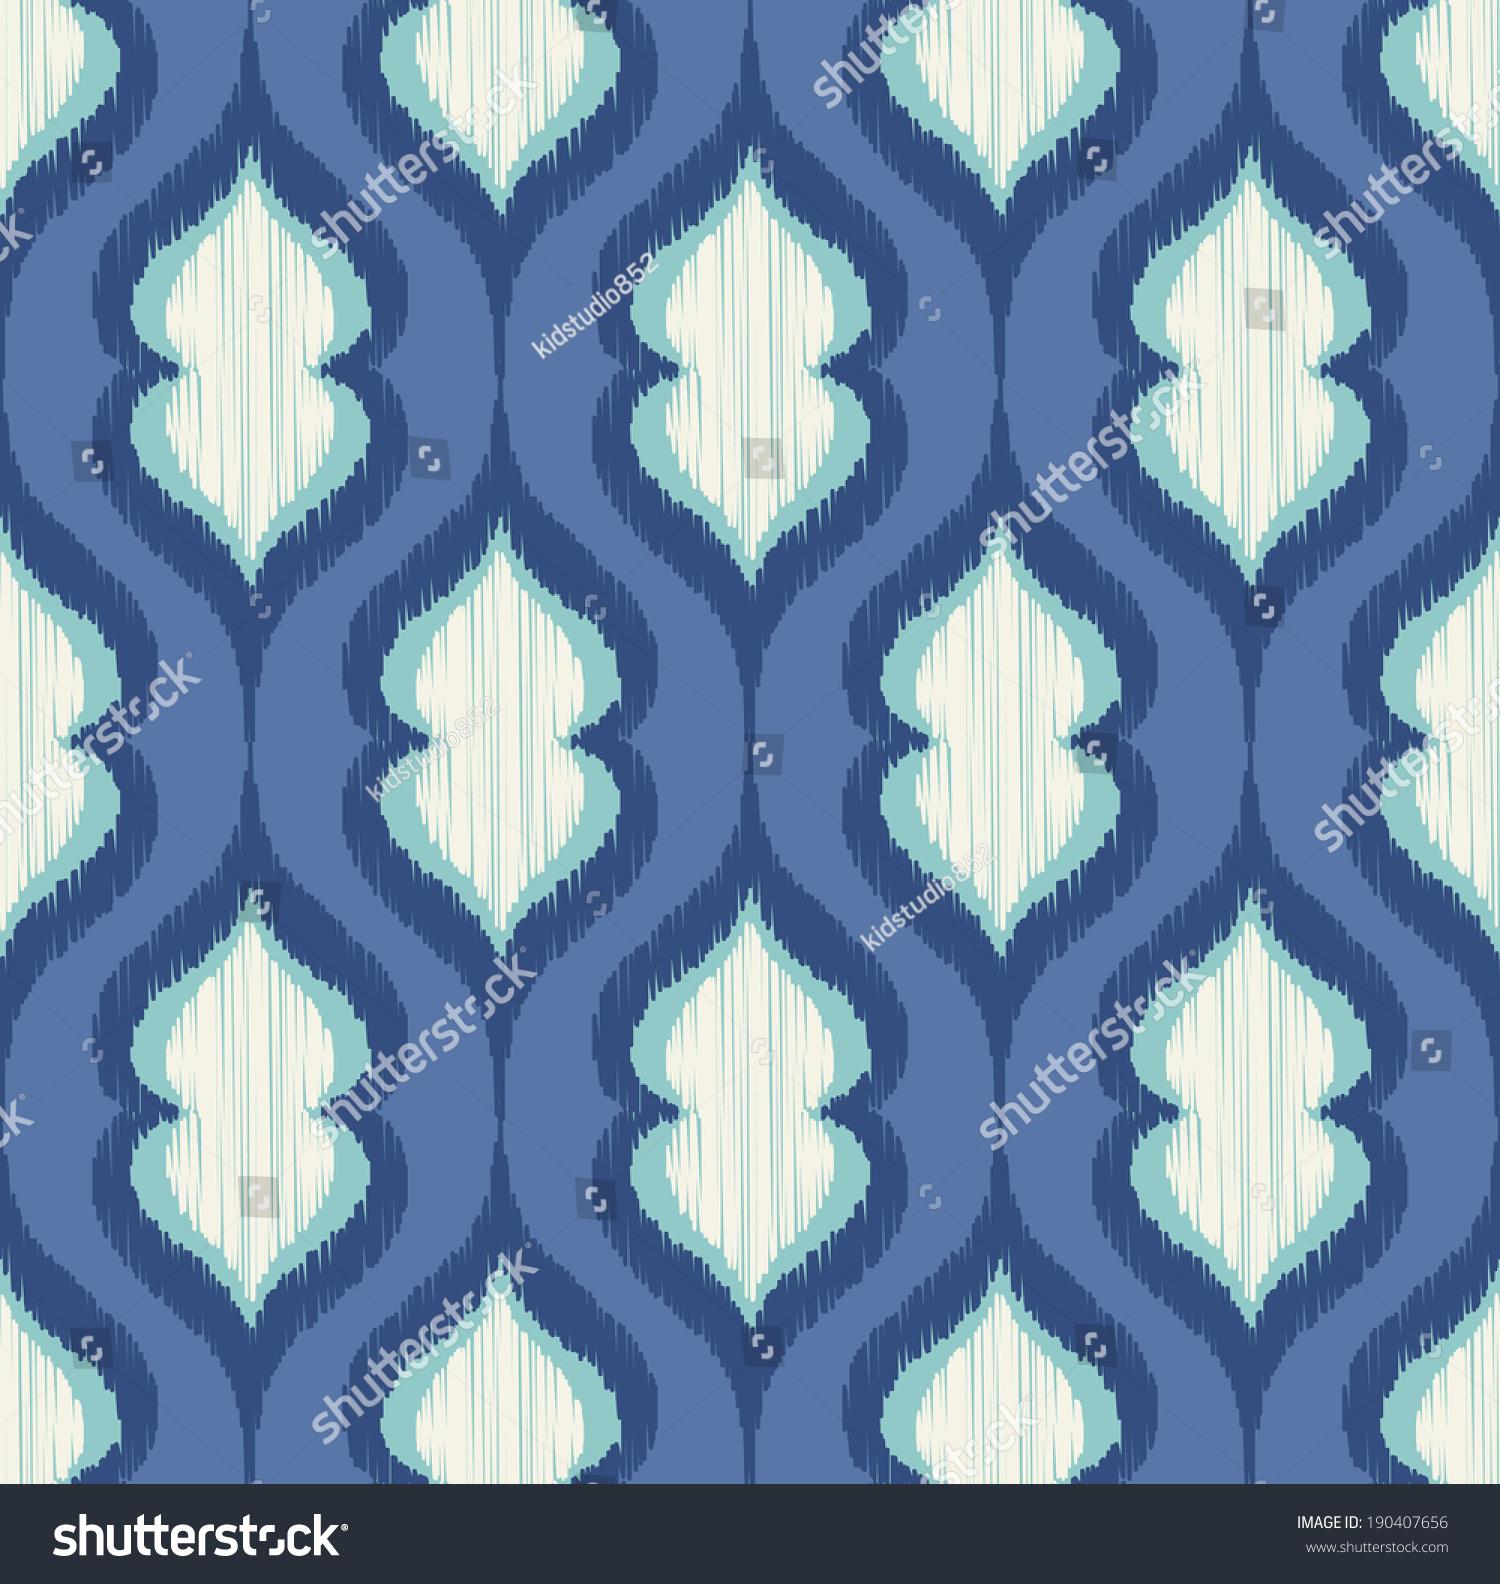 无缝的抽象几何图案-背景/素材,抽象-海洛创意()-中国图片